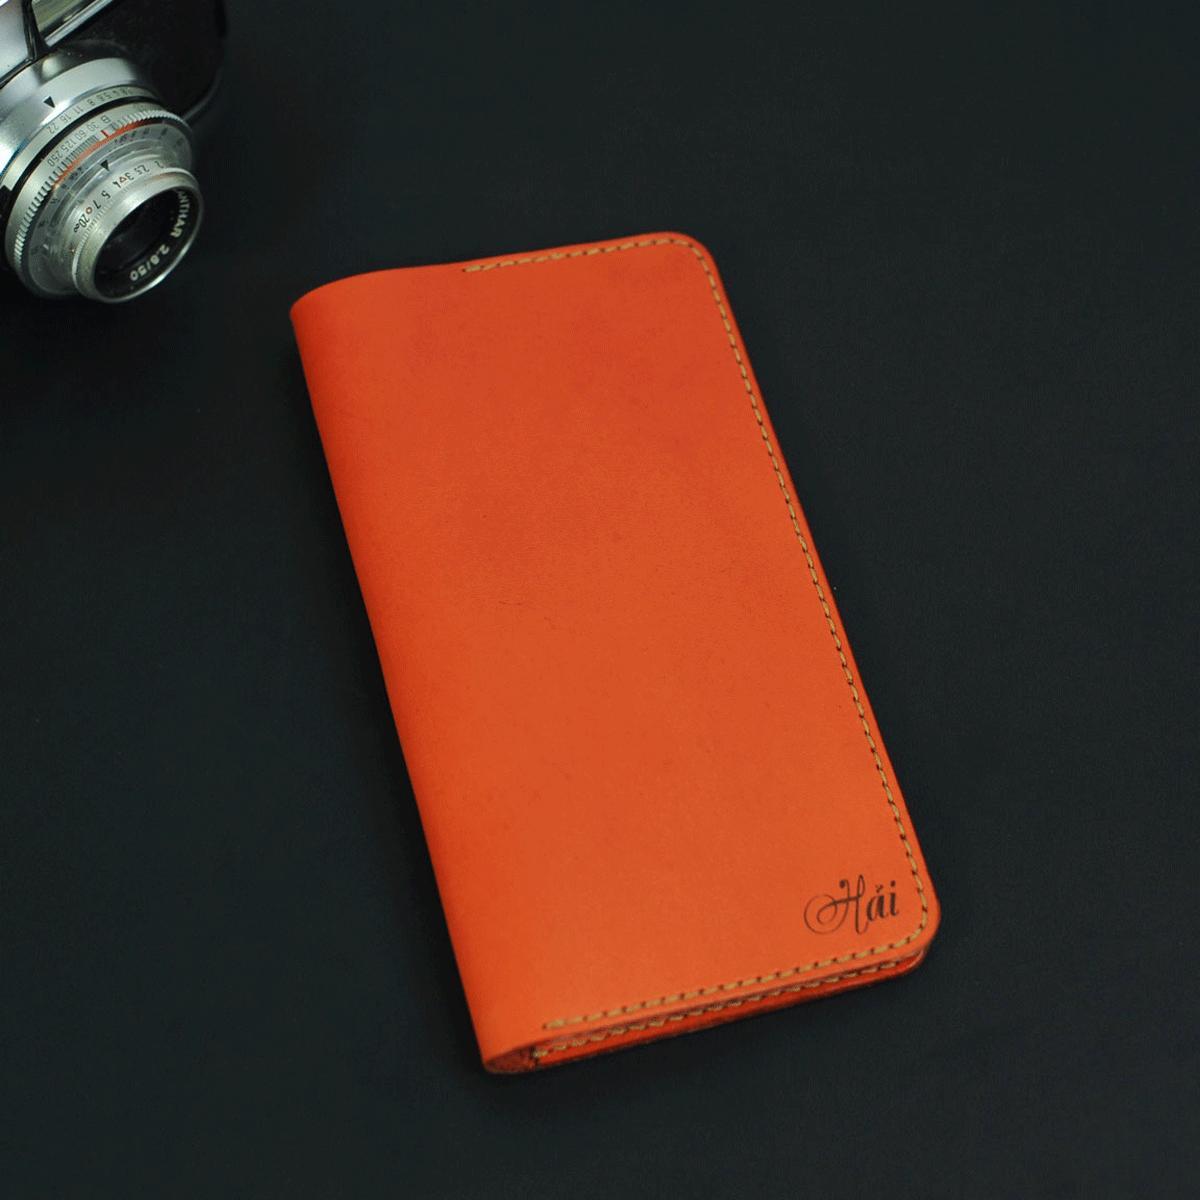 Ví dài cầm tay nữ màu xanh cam handmade - Da bò - Ví dài cầm tay nữ Mino Crafts VI214